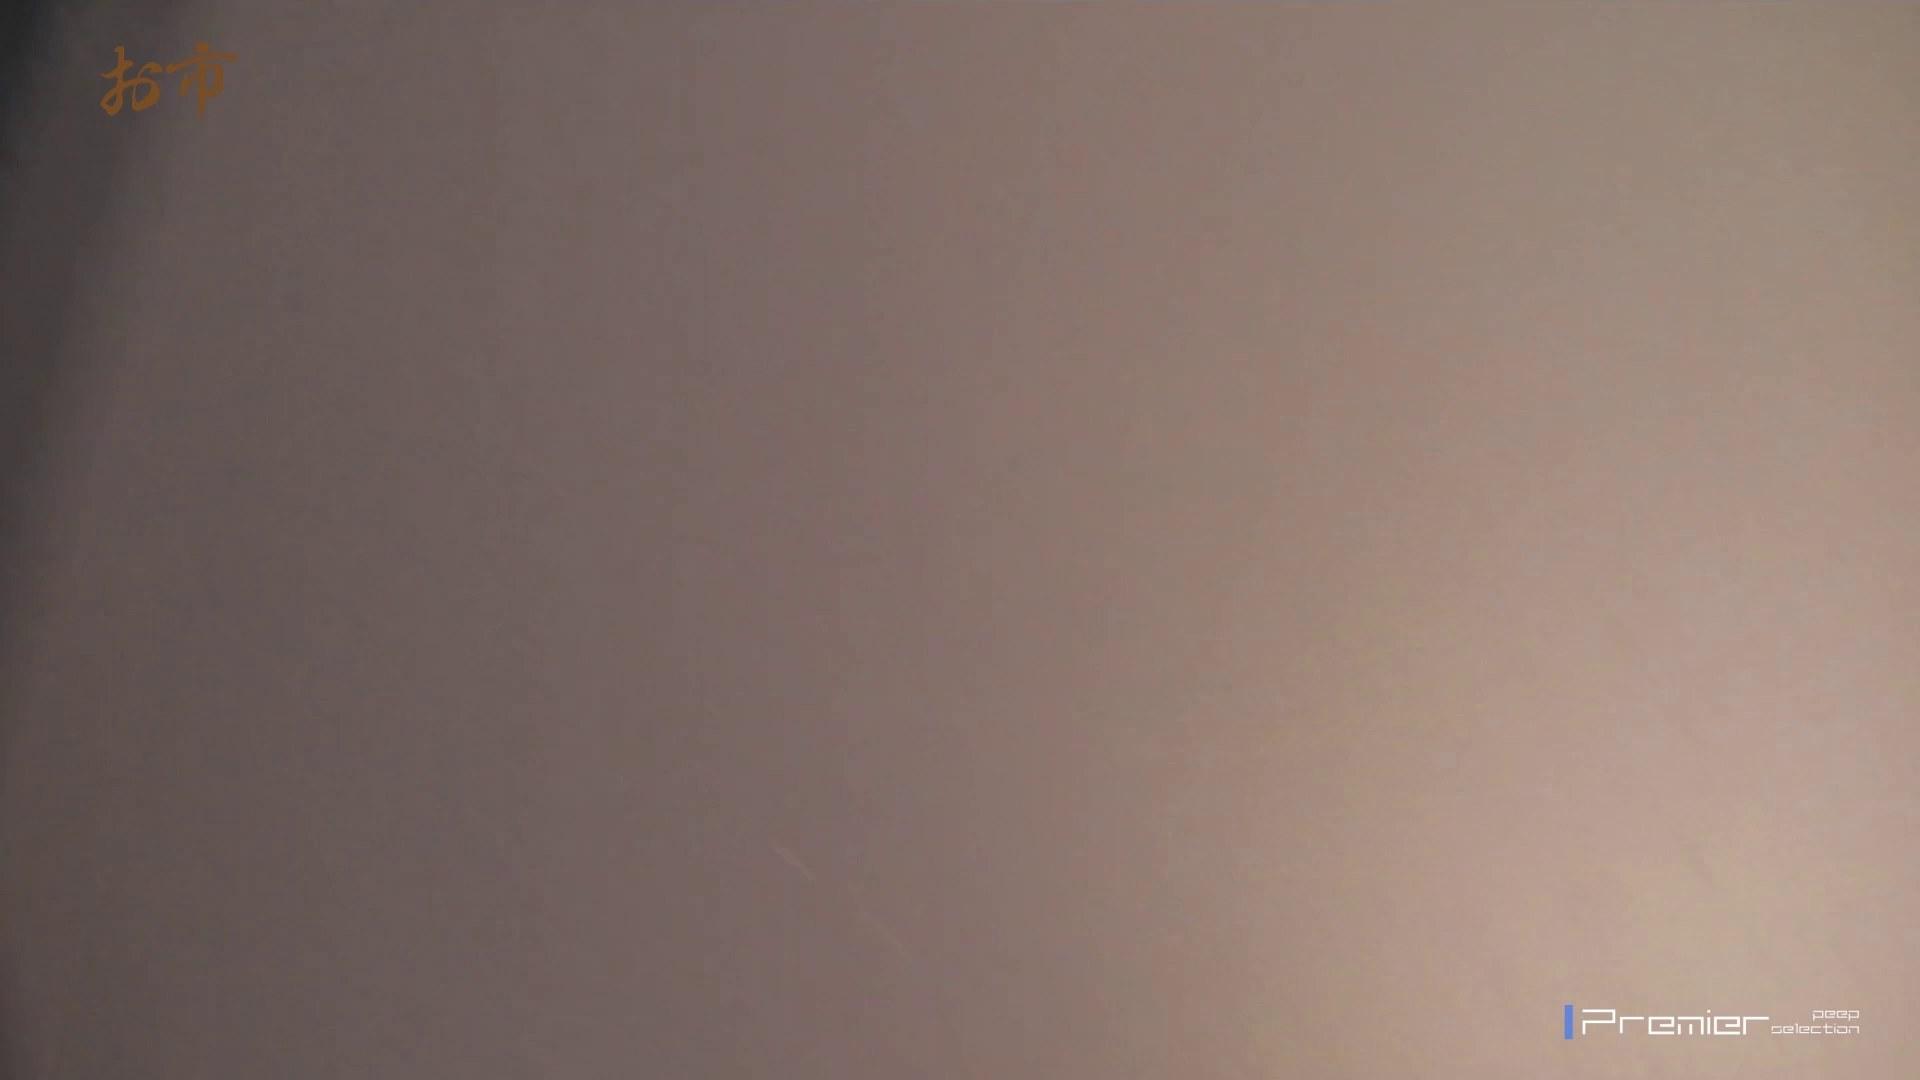 潜入!!台湾名門女学院 Vol.14 ラストコンテンツ!! 潜入 ワレメ無修正動画無料 109画像 8